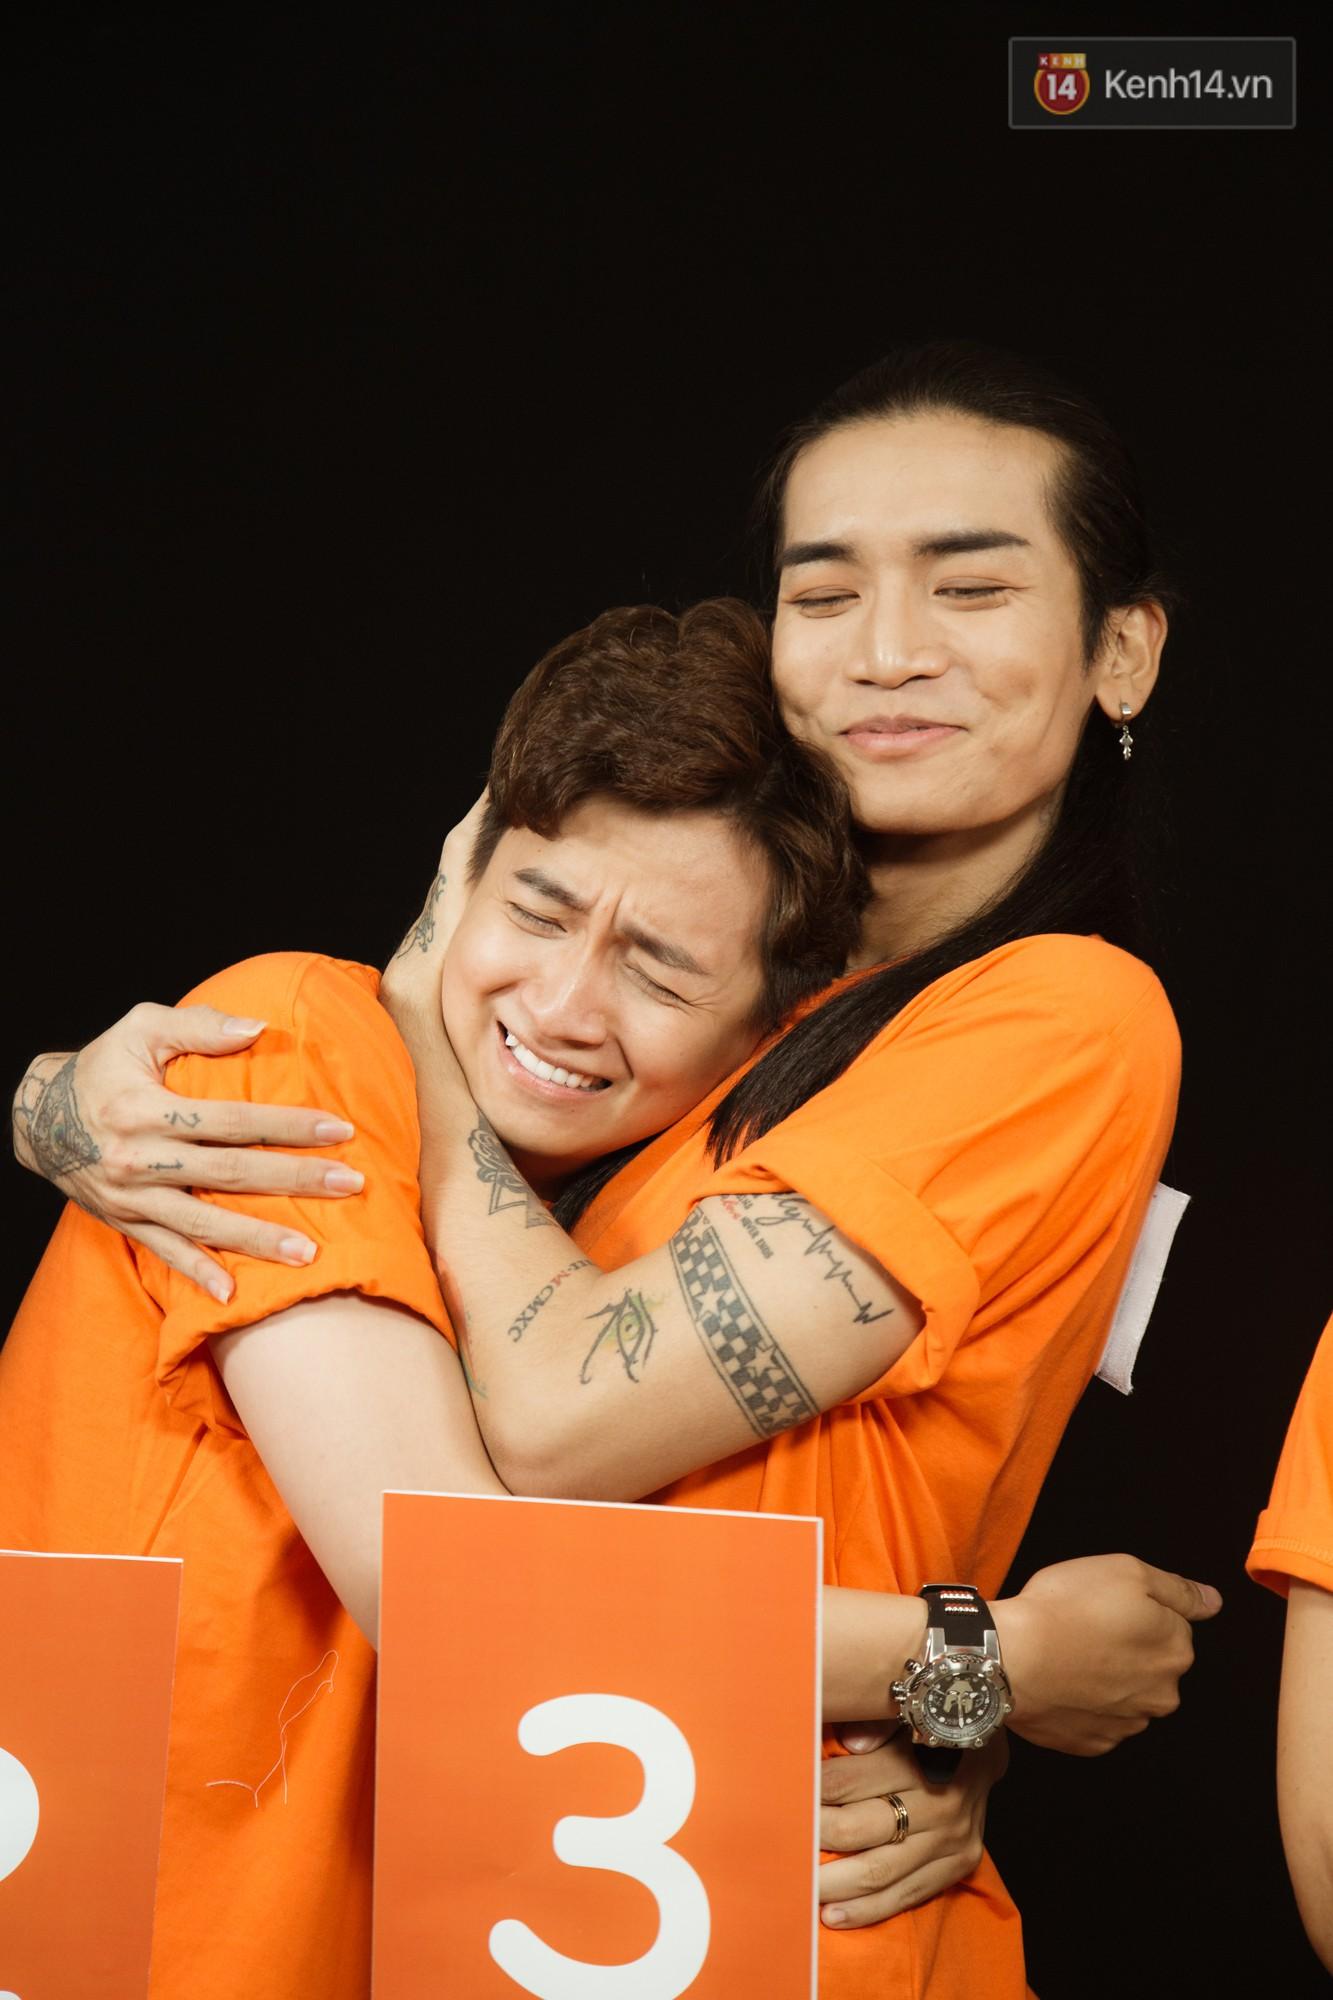 Ngô Kiến Huy bị bình chọn chơi dơ nhất Running Man Việt, Lan Ngọc phũ: Hèn gì mấy nay anh... thúi quá! - Ảnh 5.